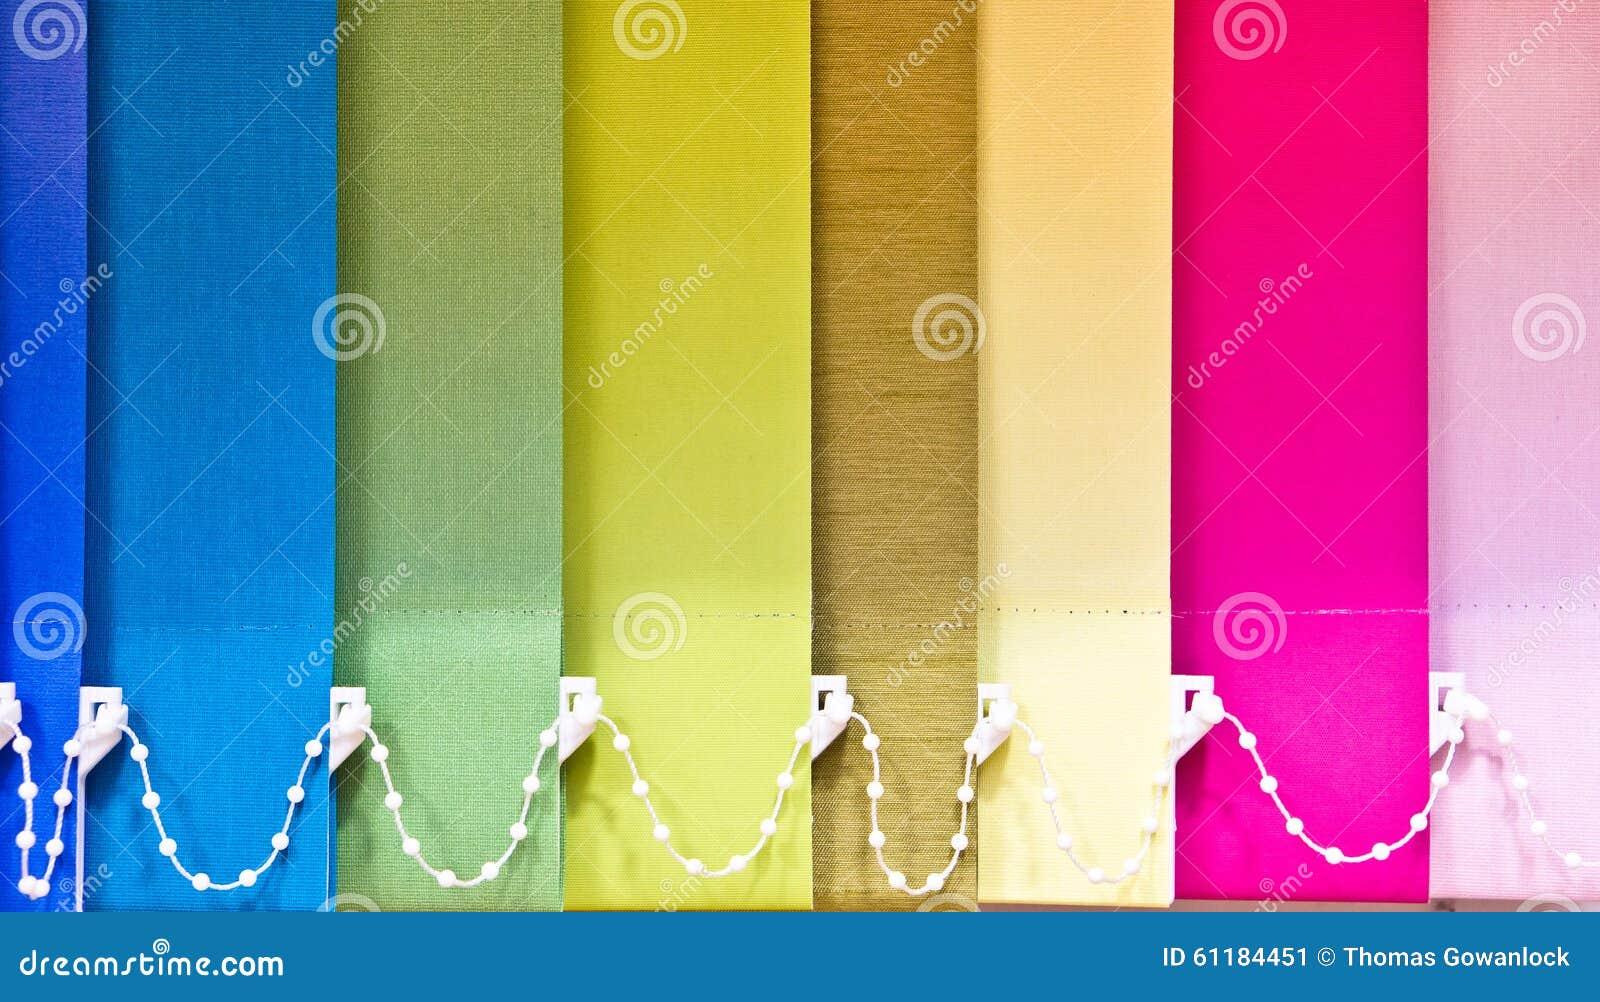 Bunte Vorhange Stockbild Bild Von Innen Leuchte Blau 61184451